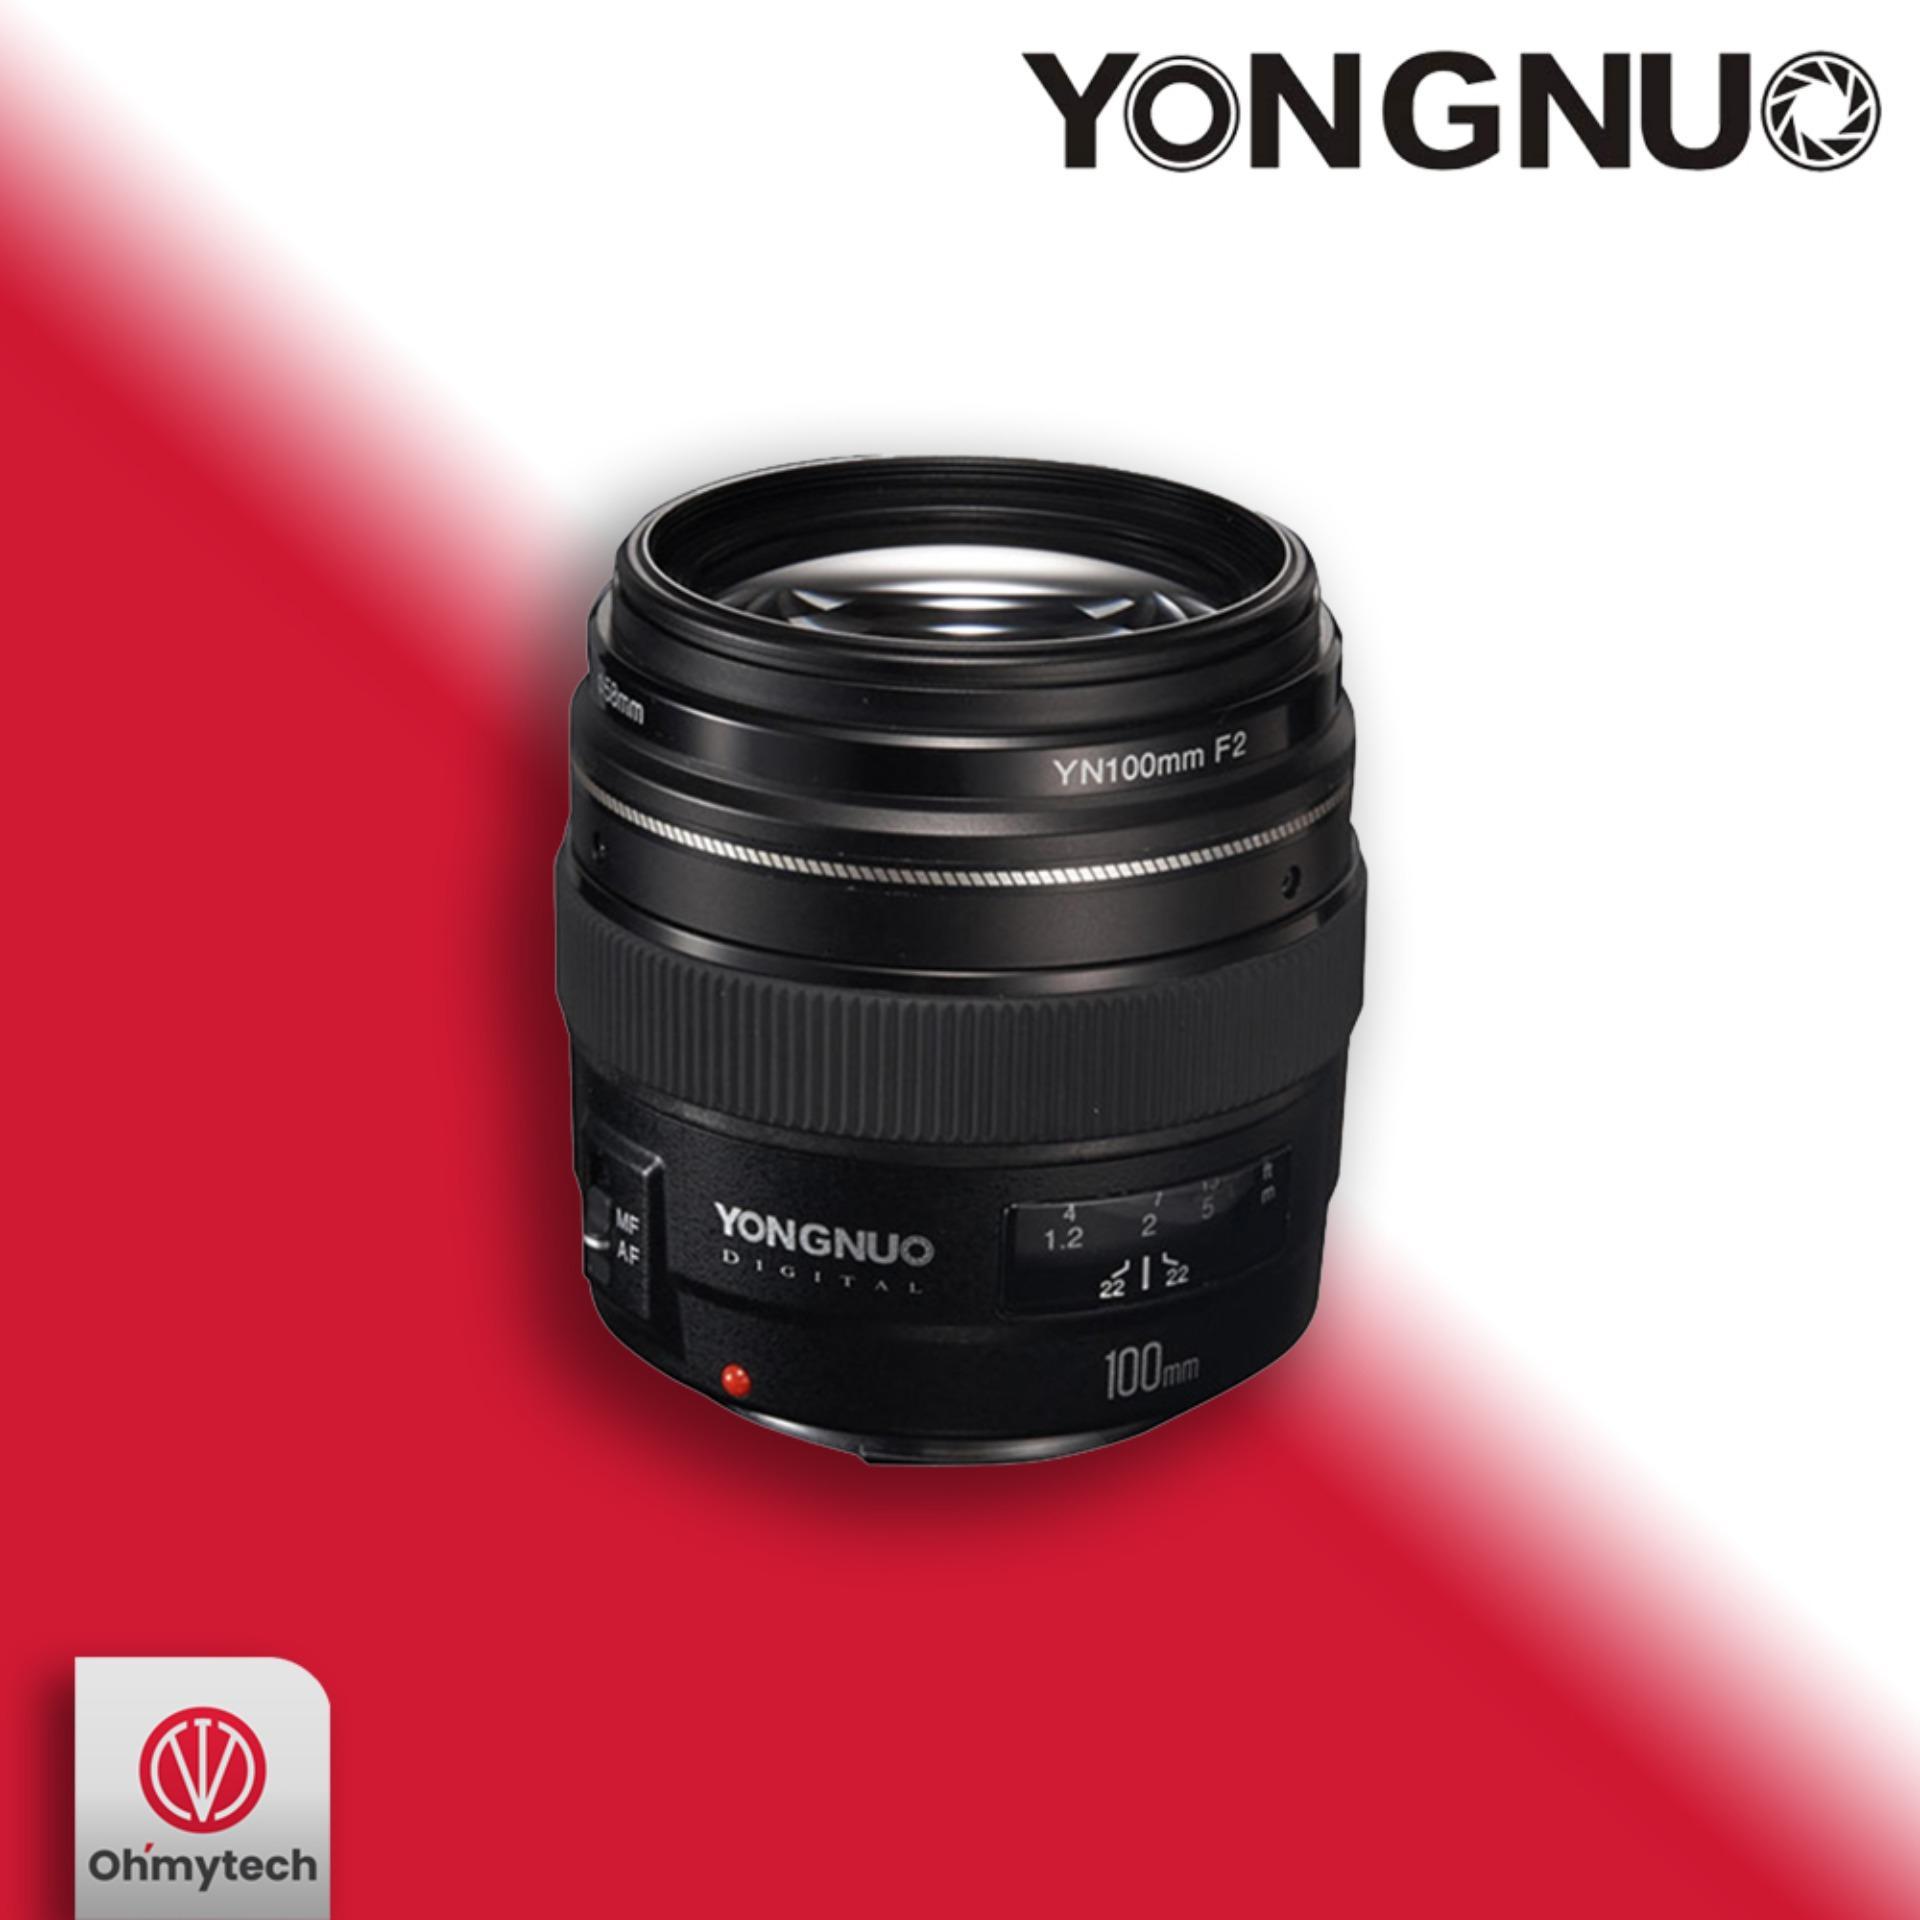 YongNuo Digital YN100mm F2 for Canon